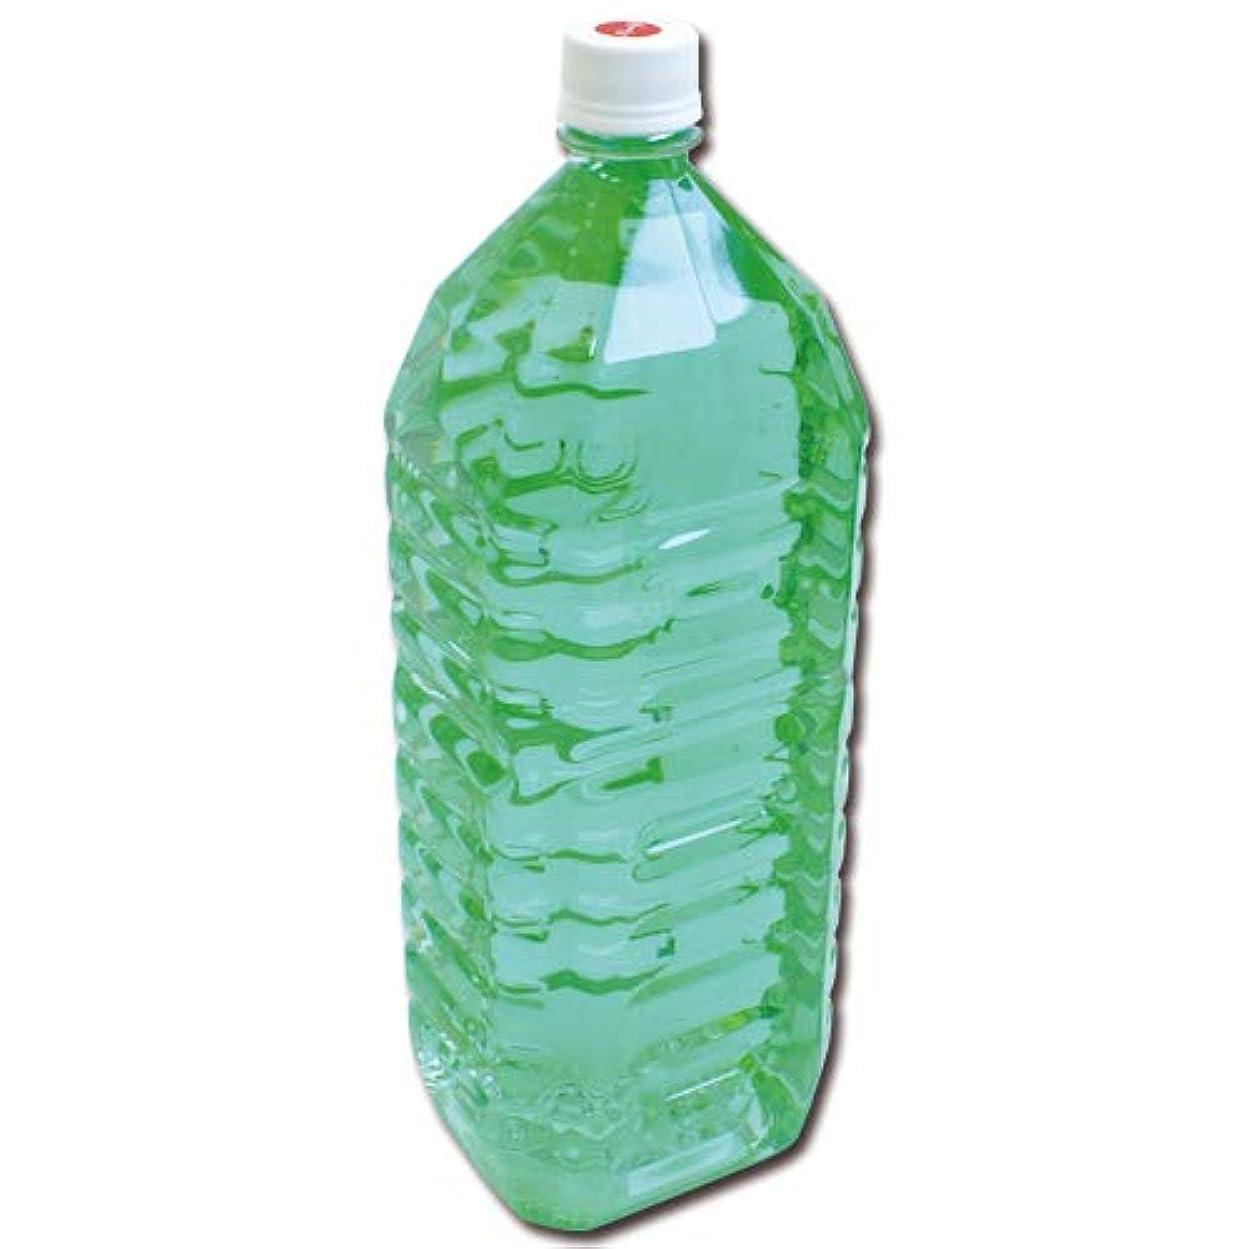 学士不調和呼吸するアロエローション アロエベラエキス配合 2Lペットボトル ハードタイプ(5倍濃縮原液)│業務用ローション ヌルヌル潤滑ローション マッサージゼリー